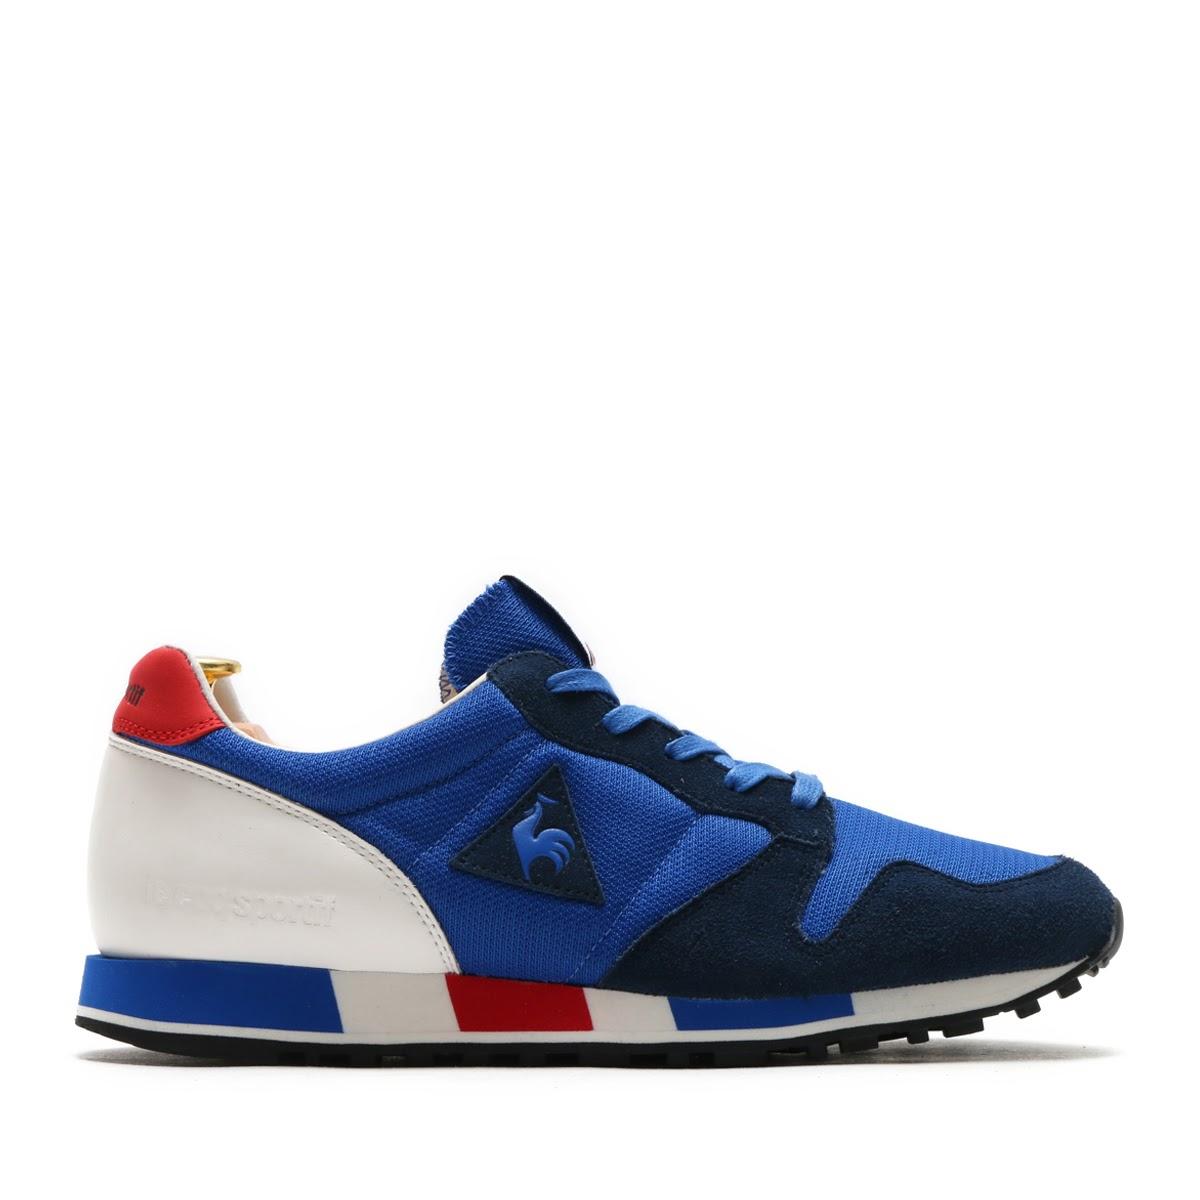 5795264b0bc5 ... blue  size 7 7b2fb a2c65 le coq sportif OMEGA BBR(ルコックスポルティフ オメガ  BBR)DRESS ...